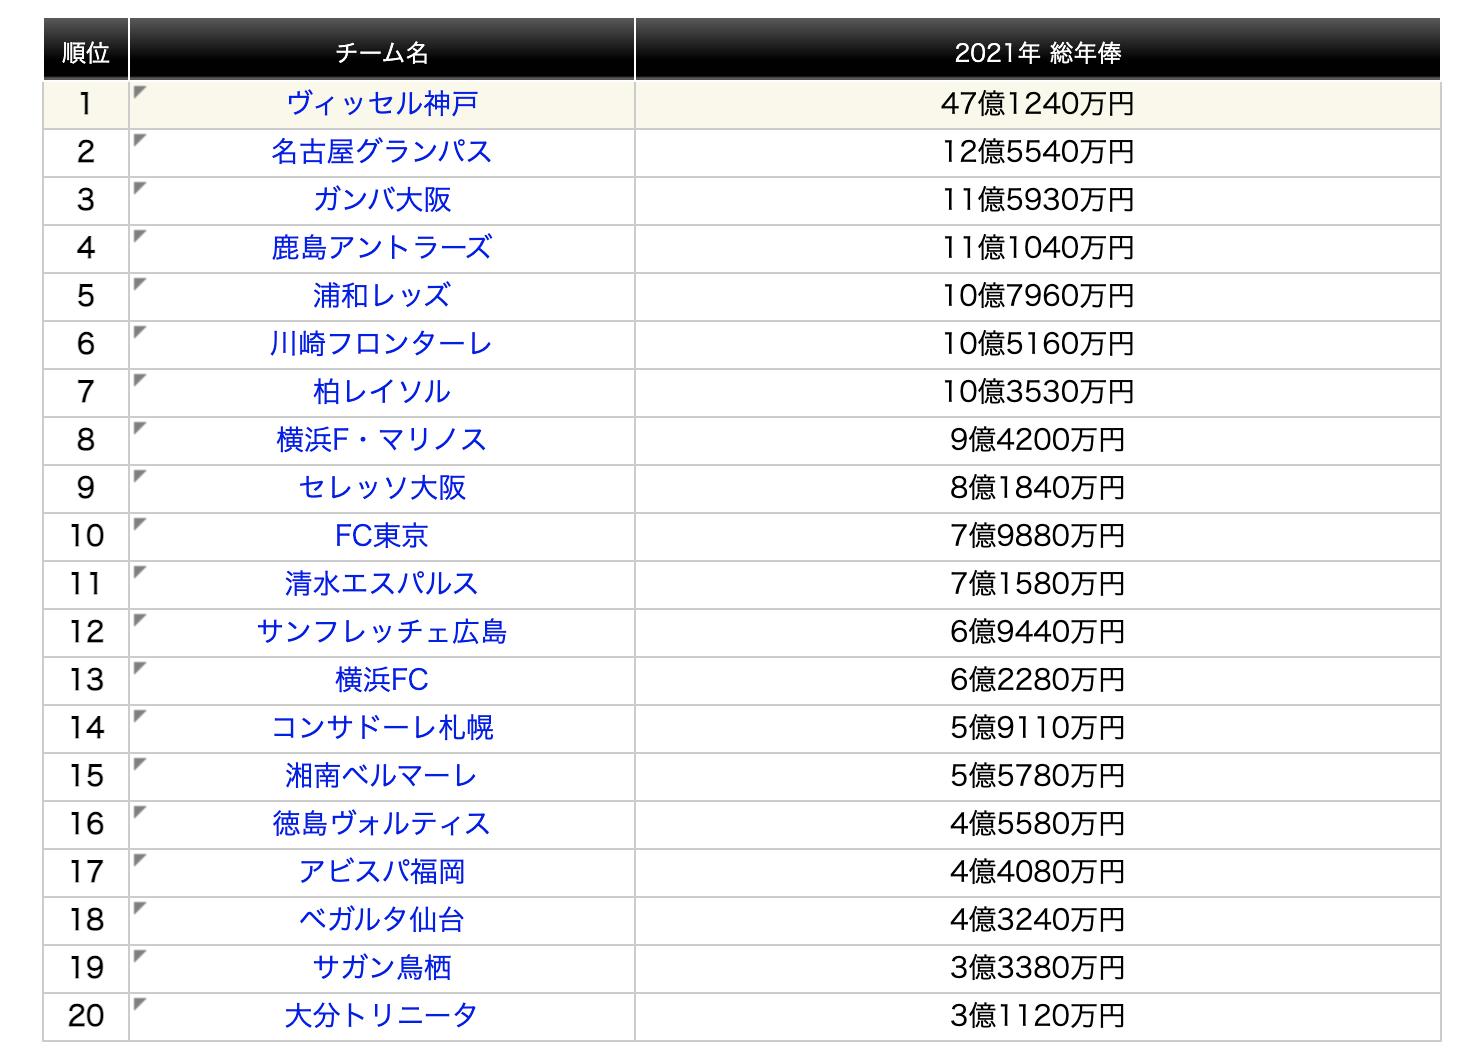 J联赛球队支出排行榜。